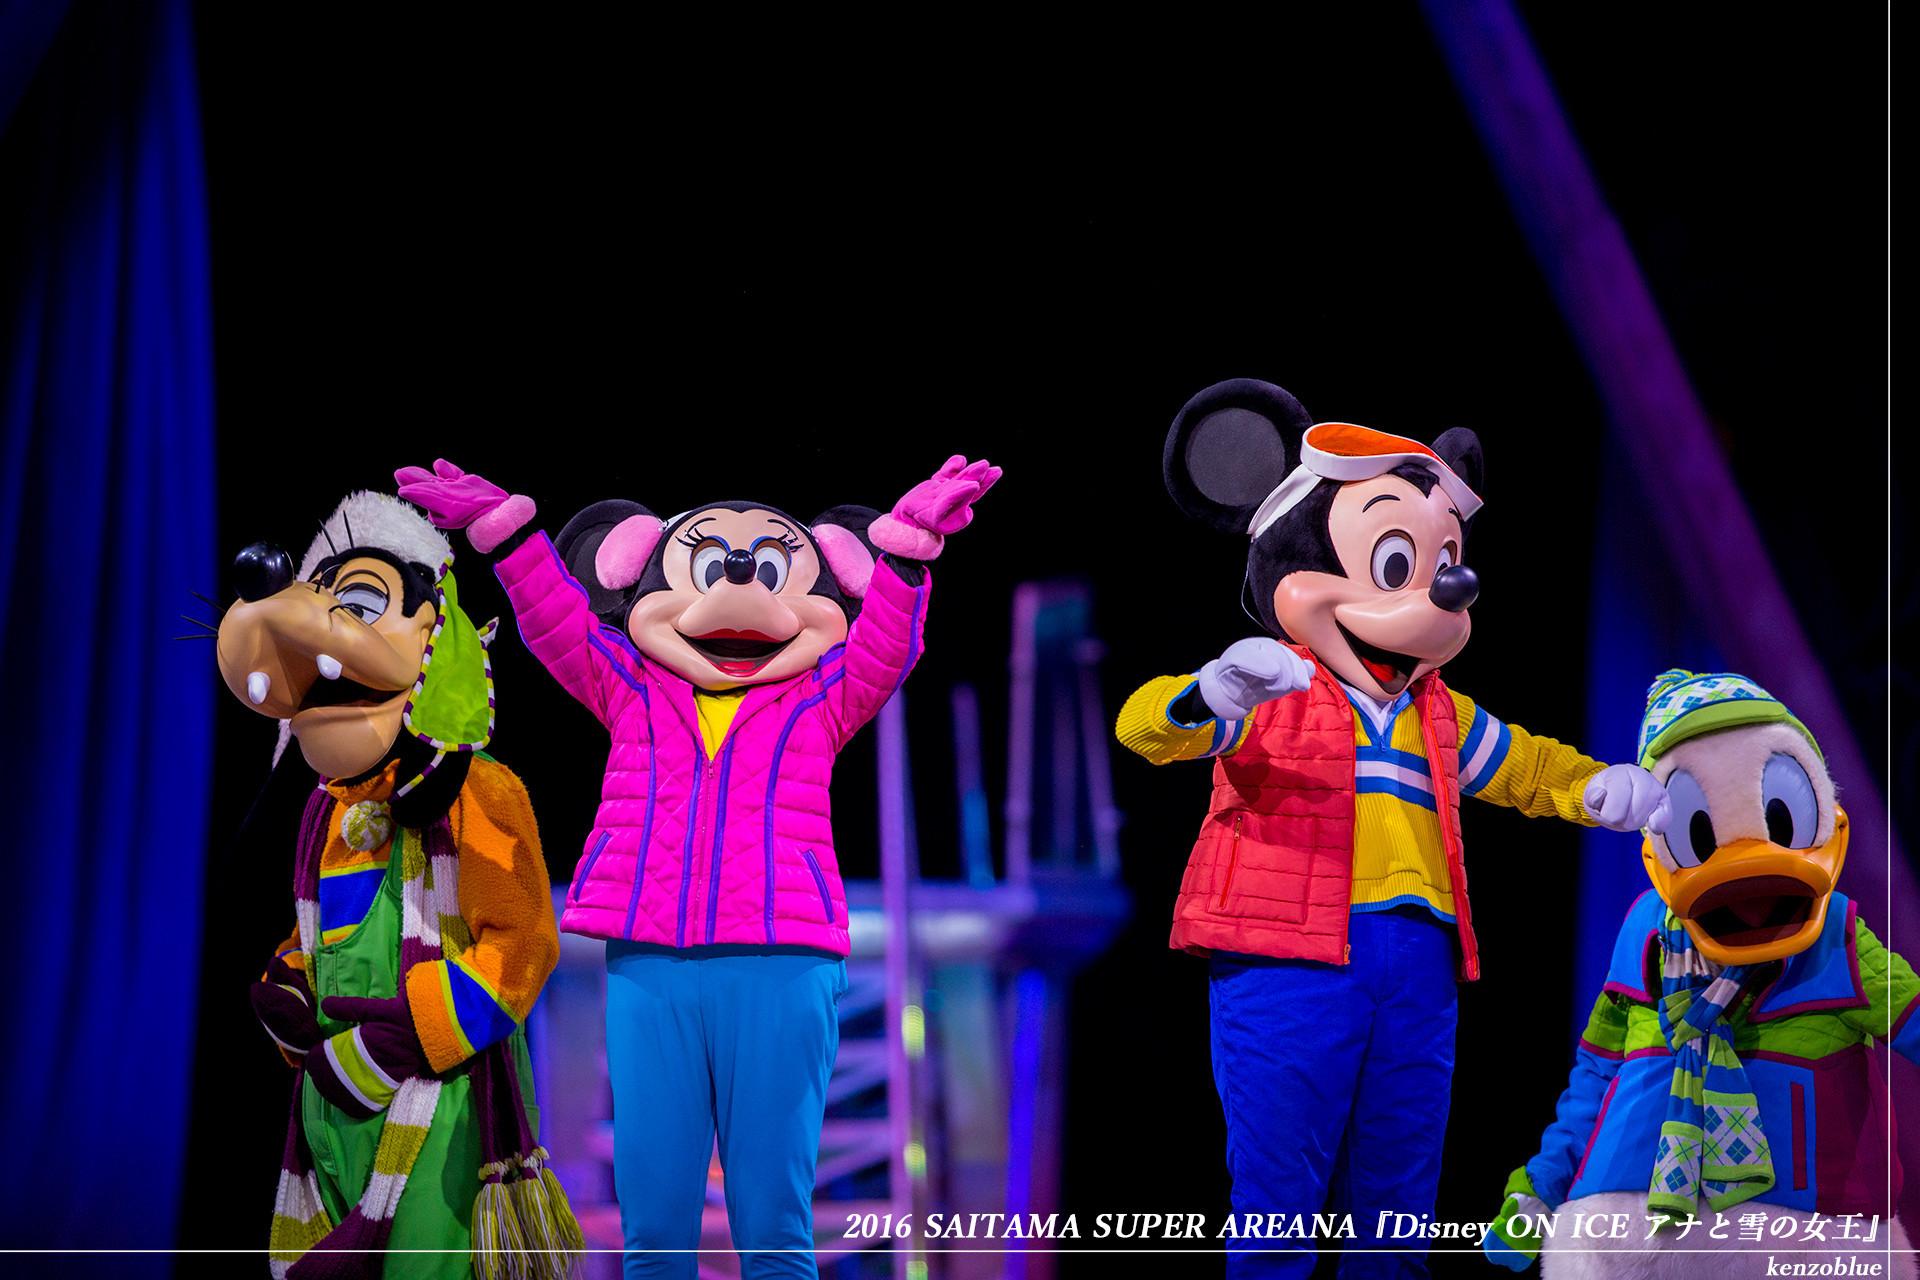 Disney-ON-ICE『2016-アナと雪の女王』023